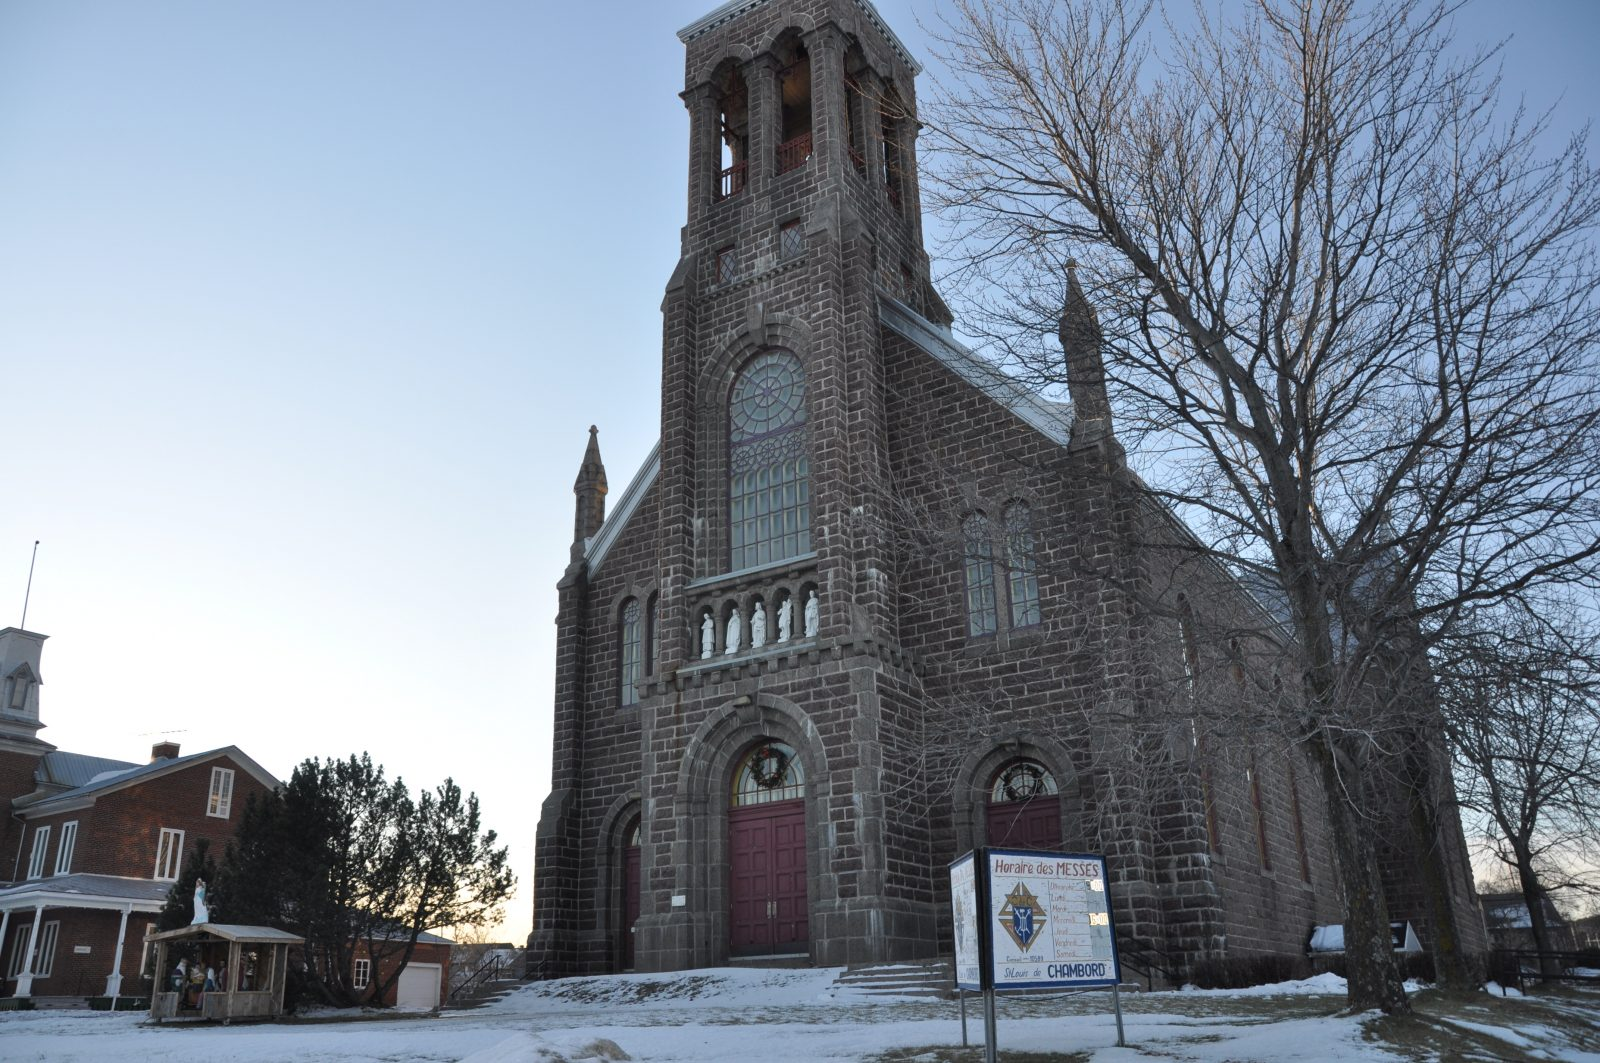 Avenir de l'église: Chambord cherche des idées